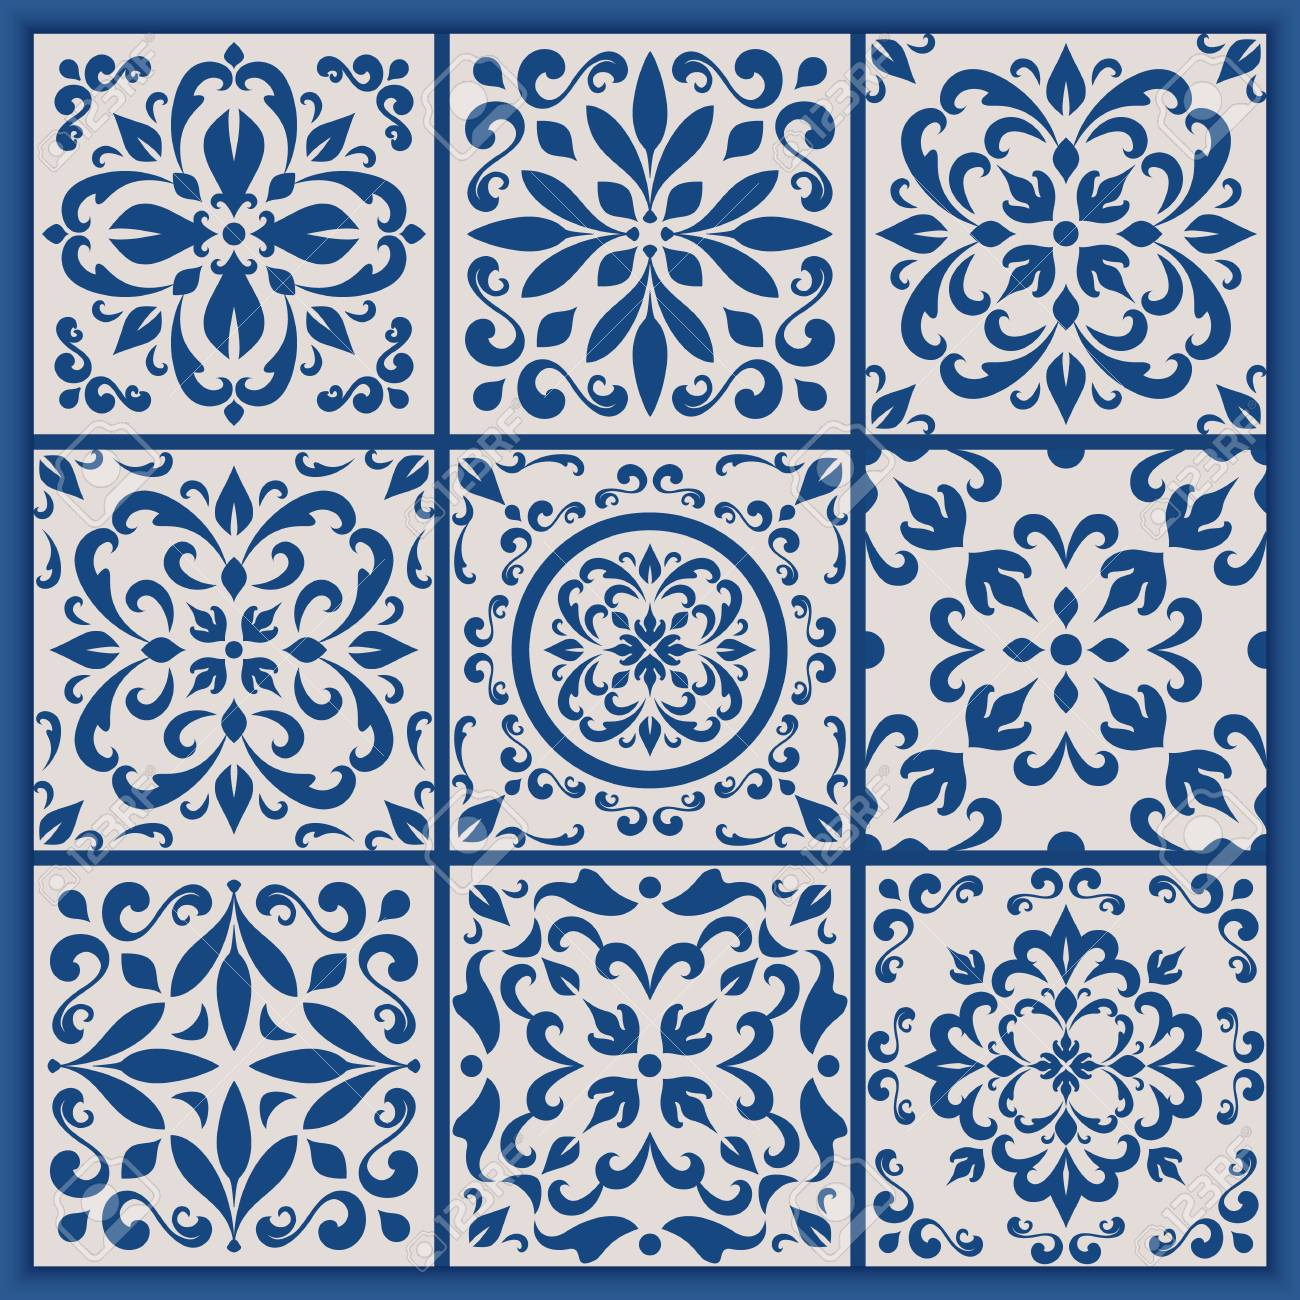 Blaue Und Weiße Verzierte Portugiesische Fliesen Vektor Azulejo - Portugiesische fliesen bilder